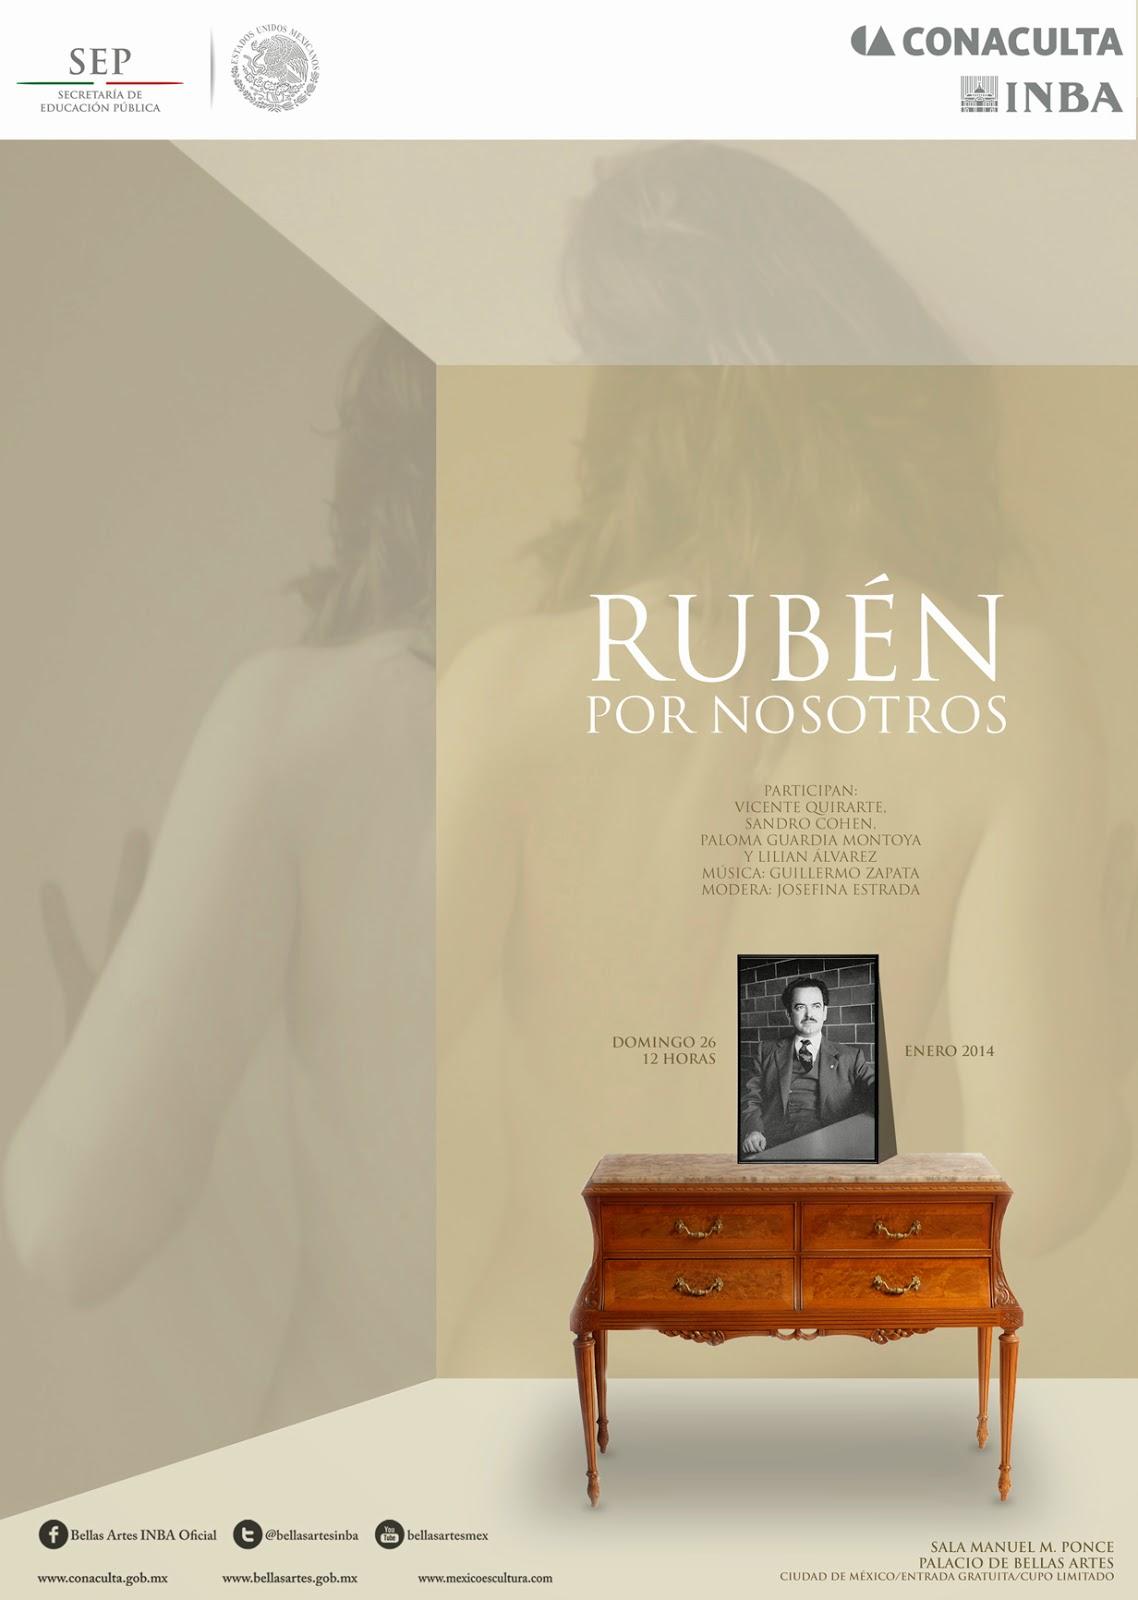 Homenaje a Rubén Bonifaz Nuño en el Palacio de Bellas Artes